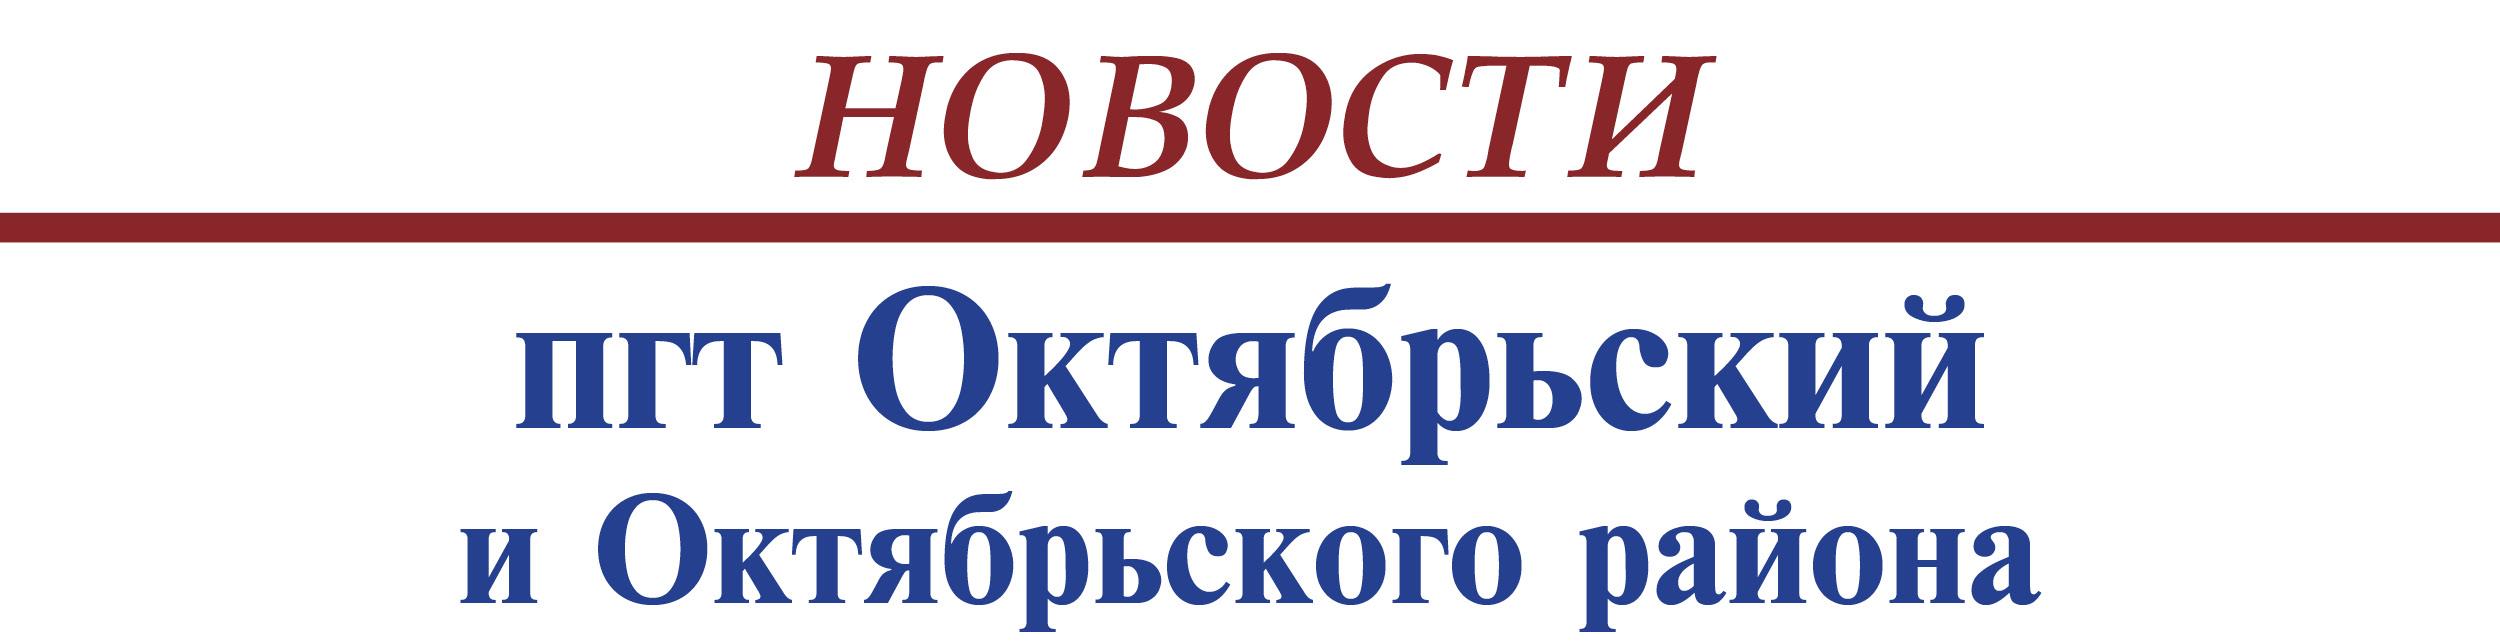 Подать объявление октябрьский недвижимость в таганроге подать объявление